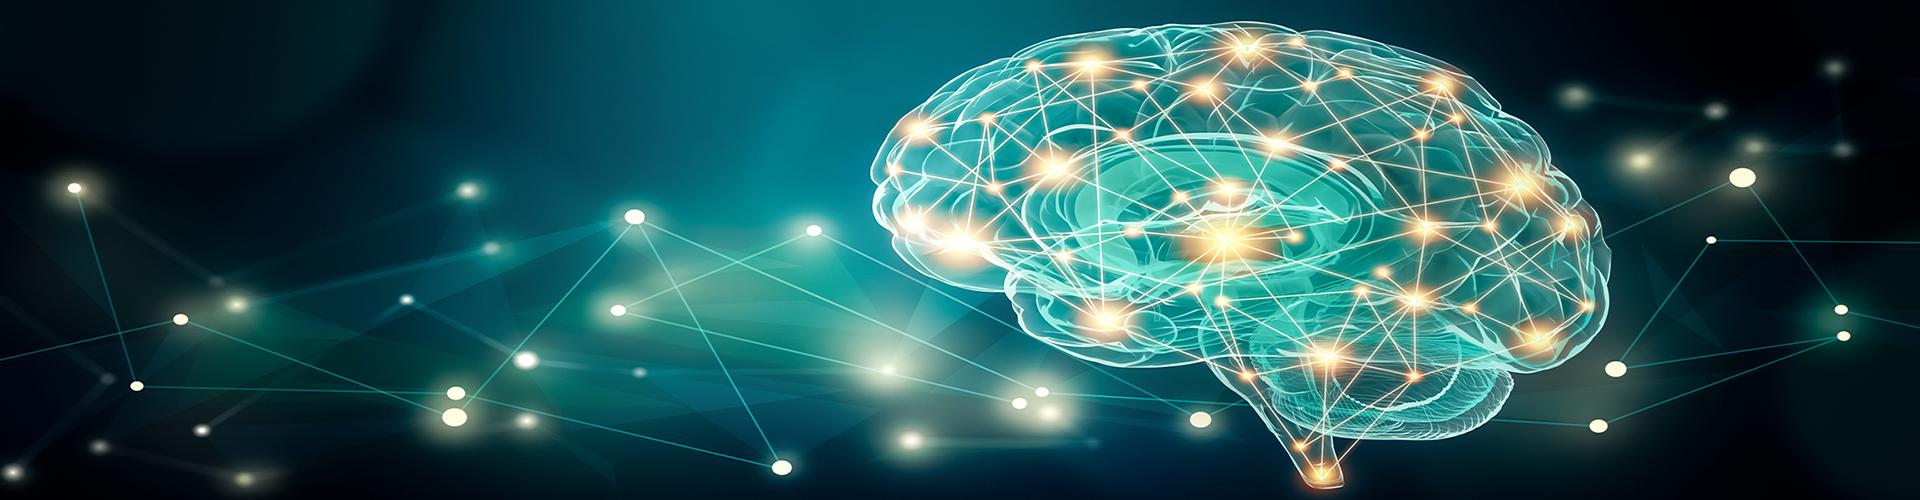 Valutazione Neuropsicologica e Riabilitazione Cognitiva a Biella